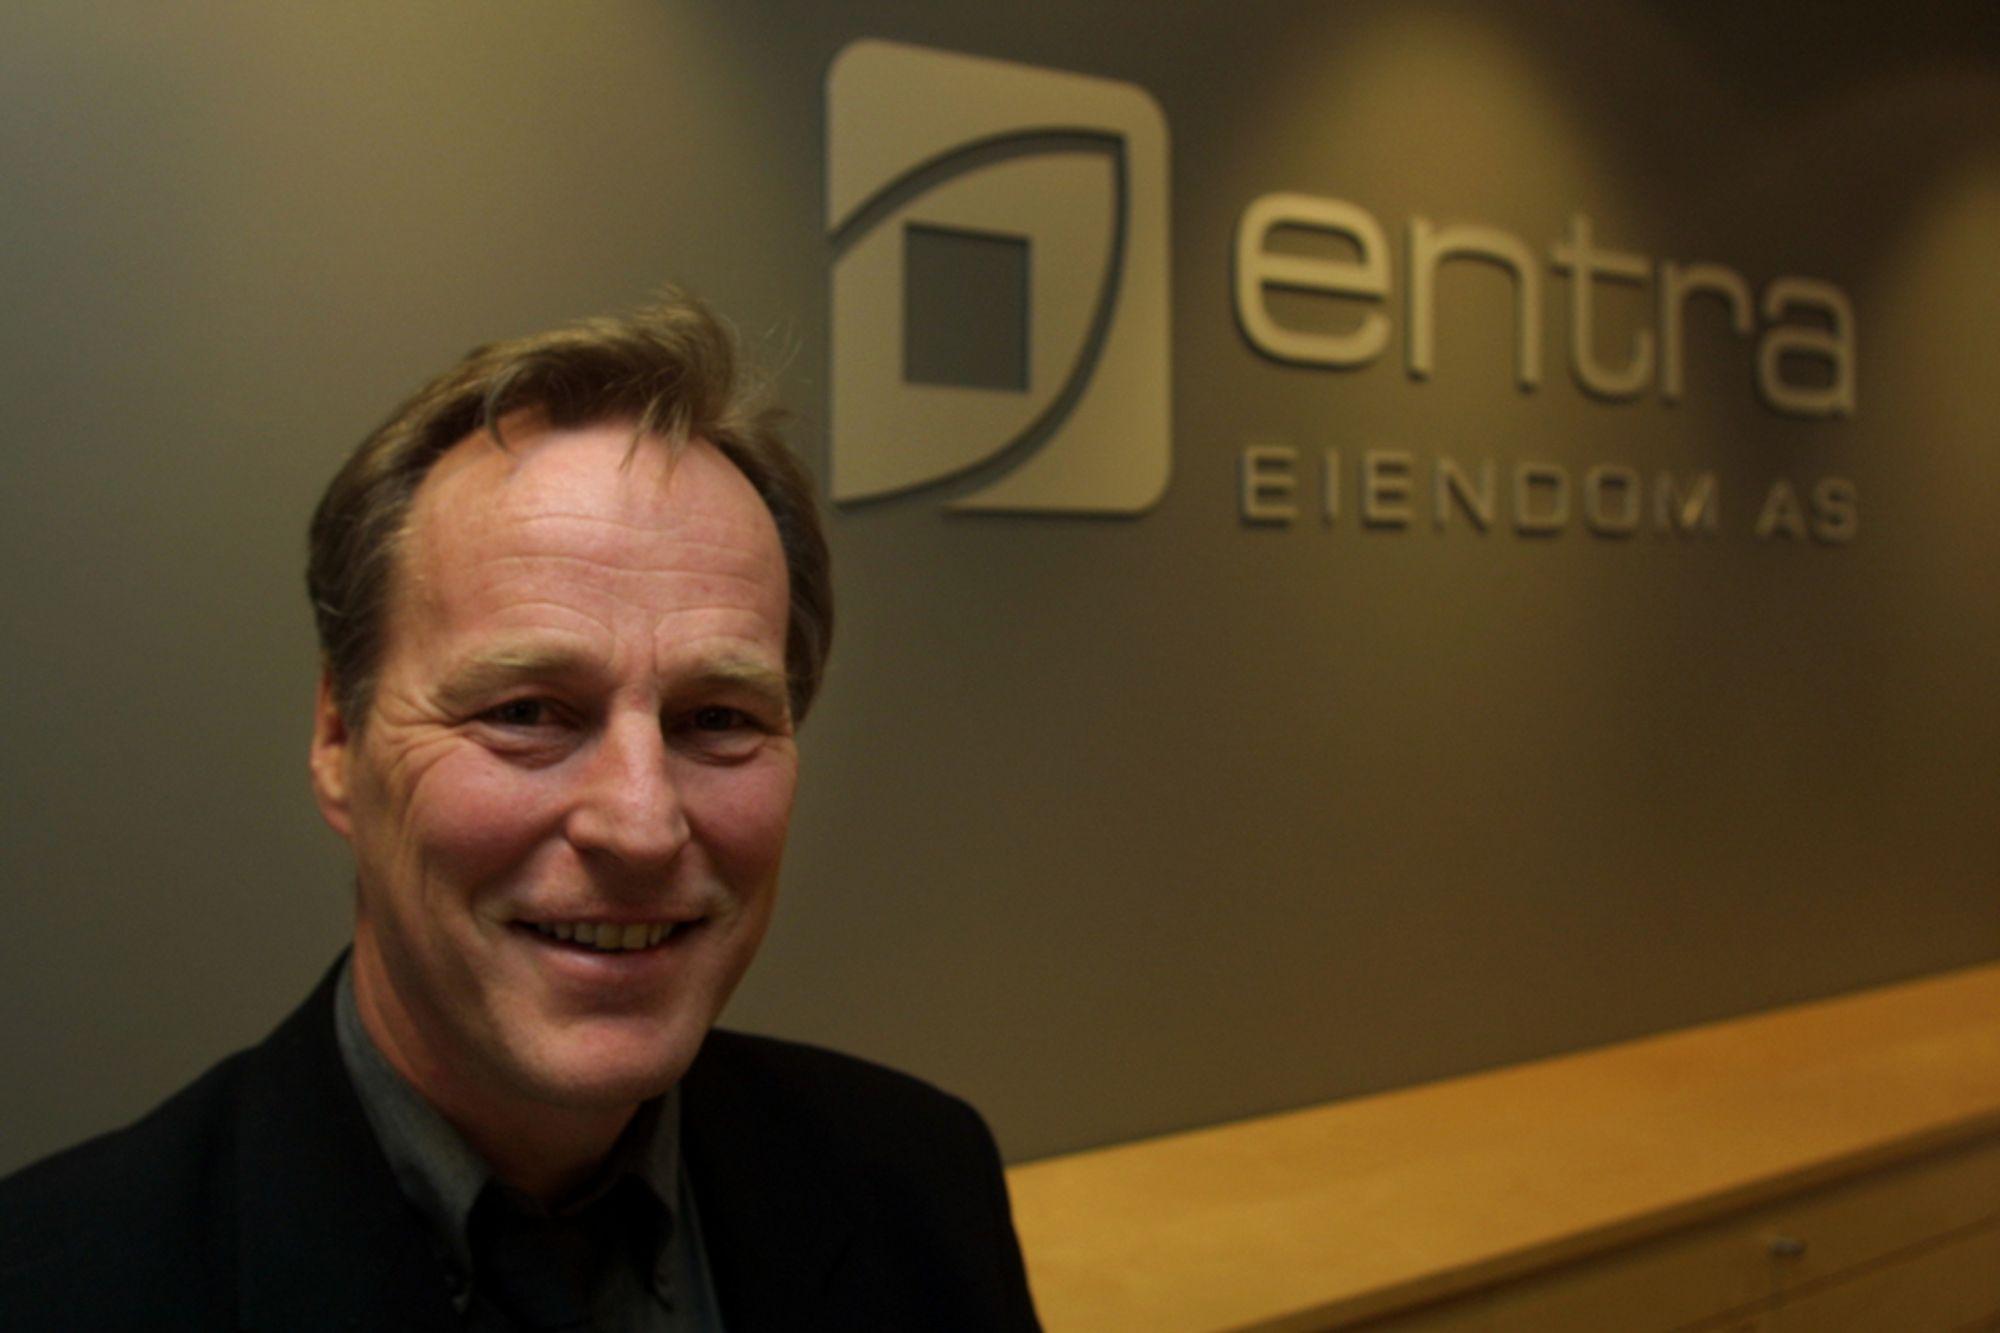 Erik Løfsnes ble ienig med styret i Entra Eiendom AS om å fratre stillingen som adm. dir. etter mye uro og uklarheter.